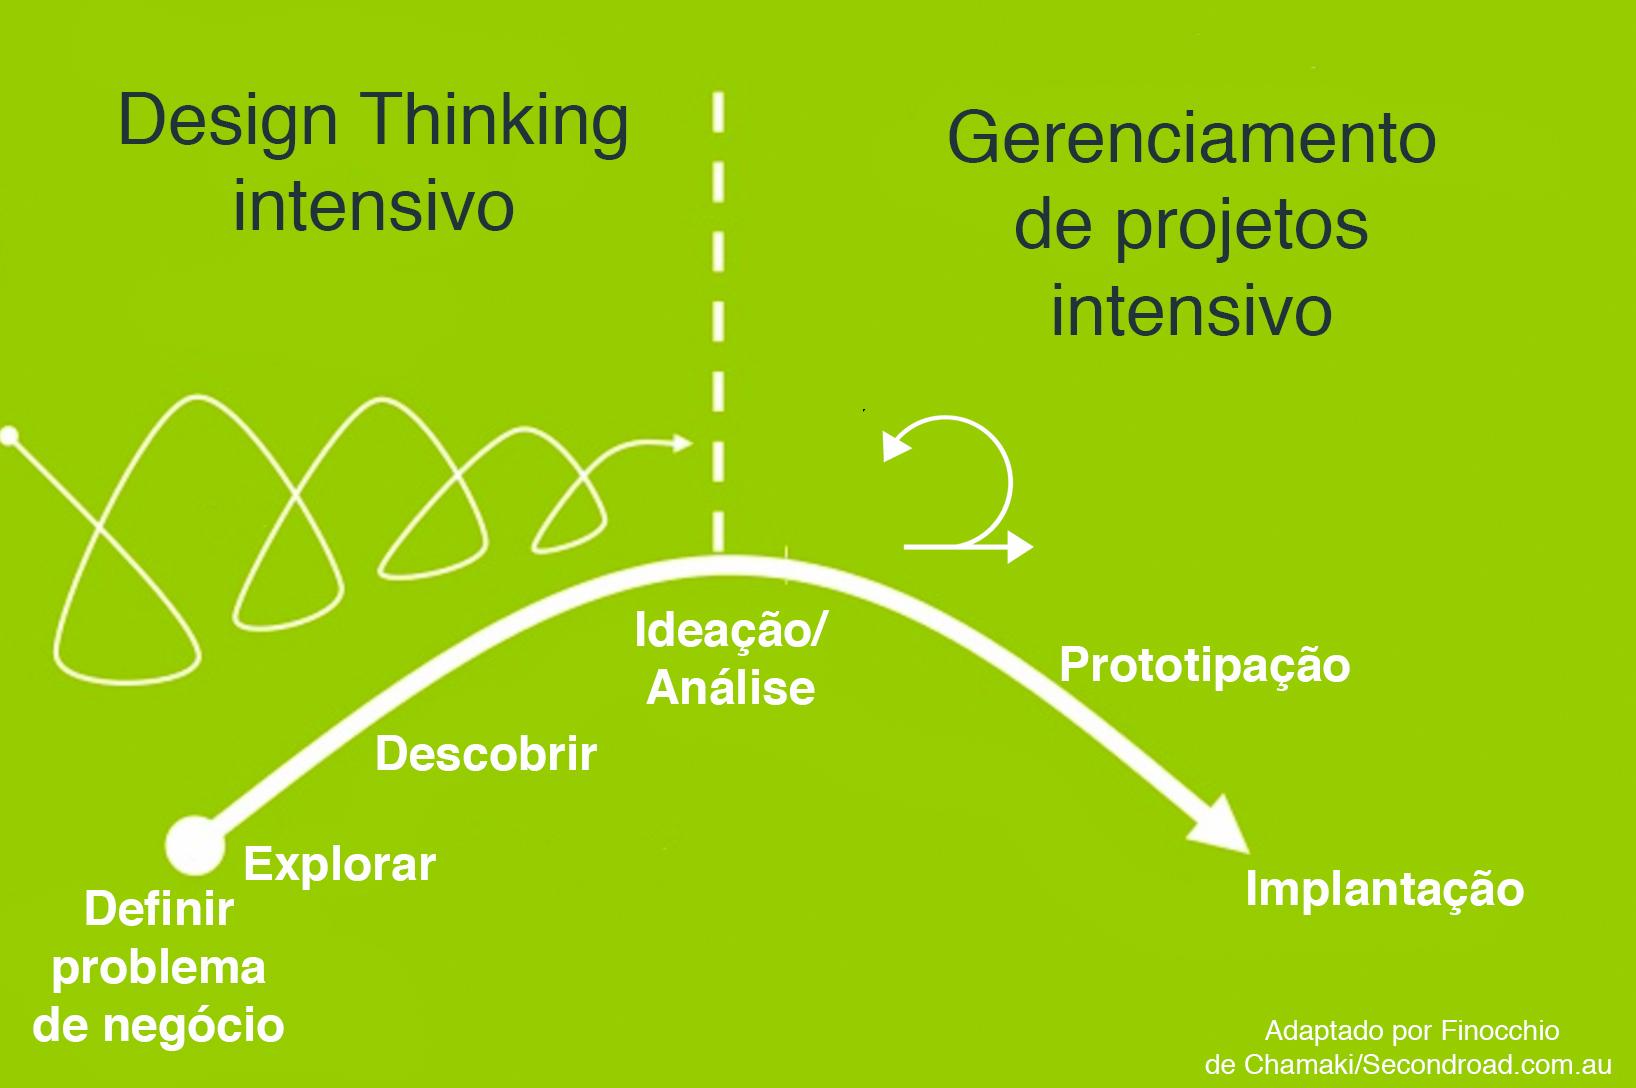 Juntando design thinking e gerenciamento de projetos